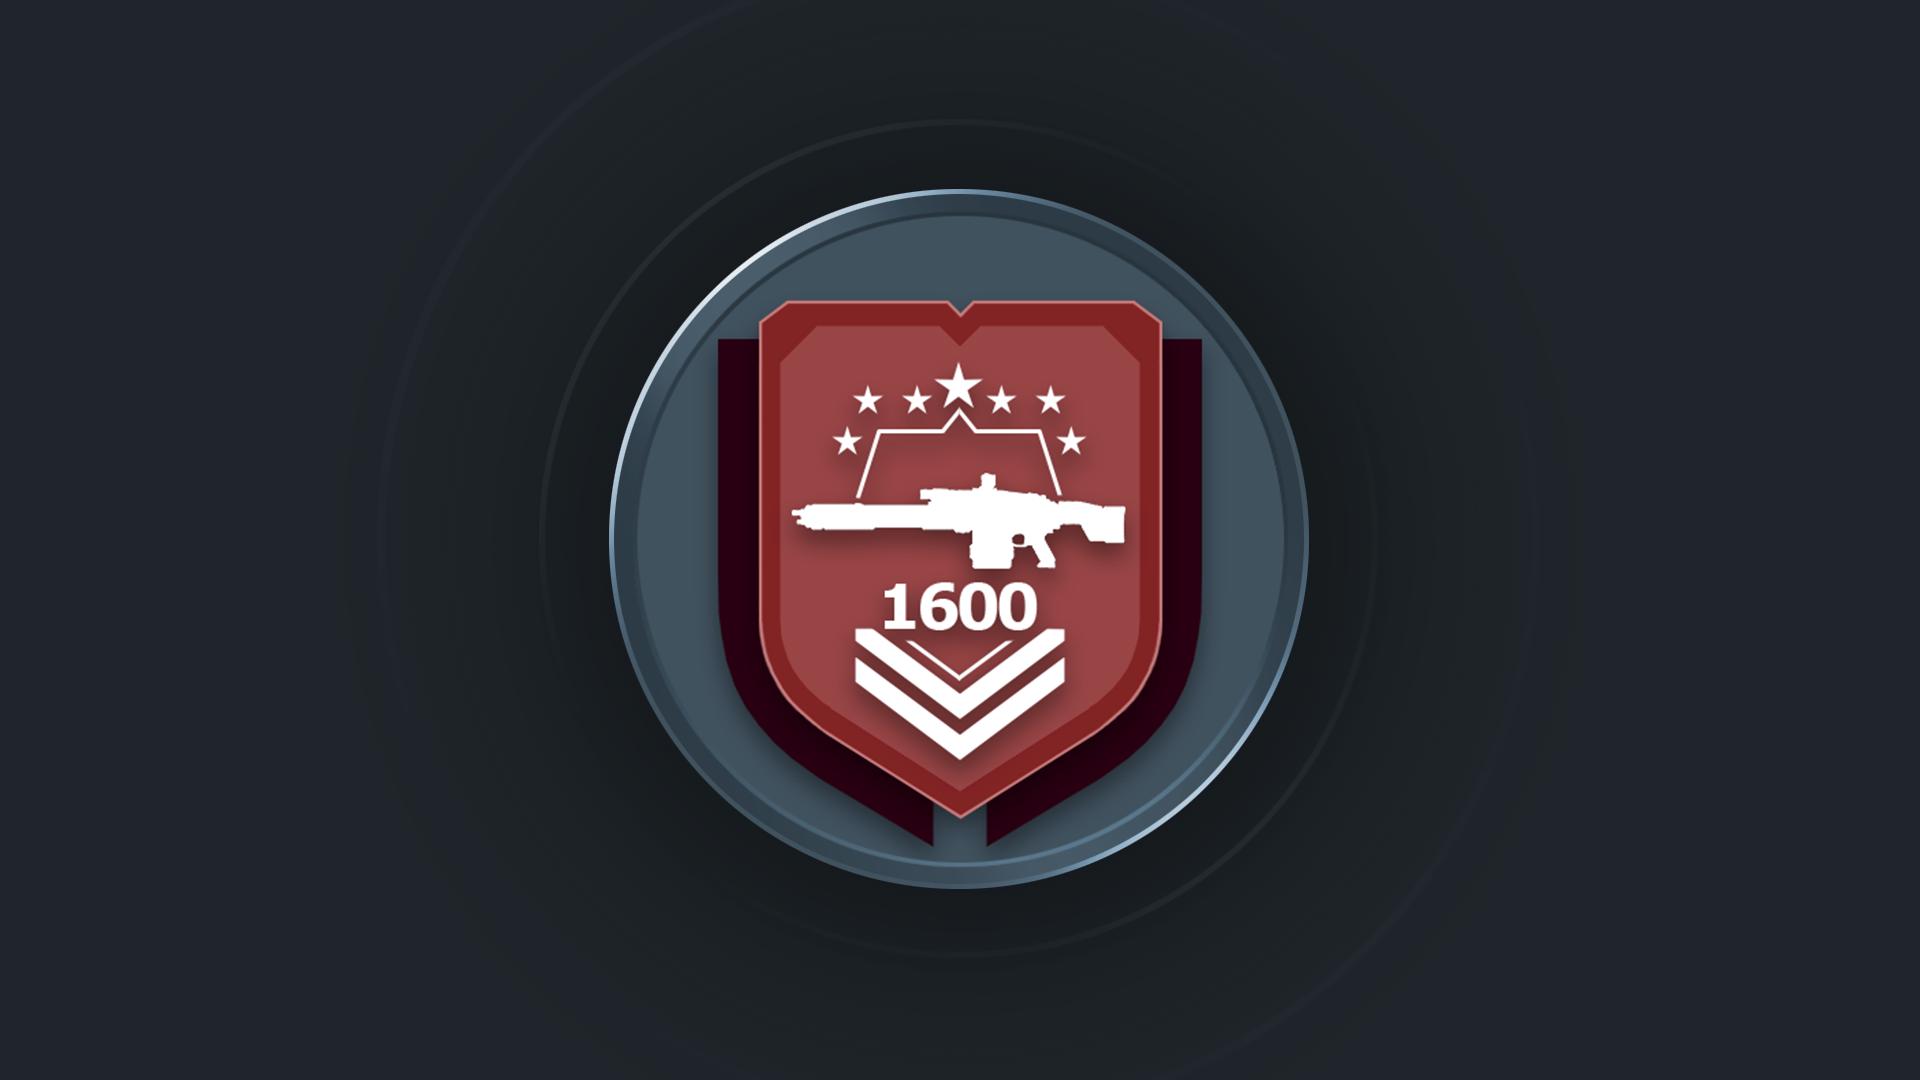 Machine gunner achievement for Dead Effect 2 on Xbox One